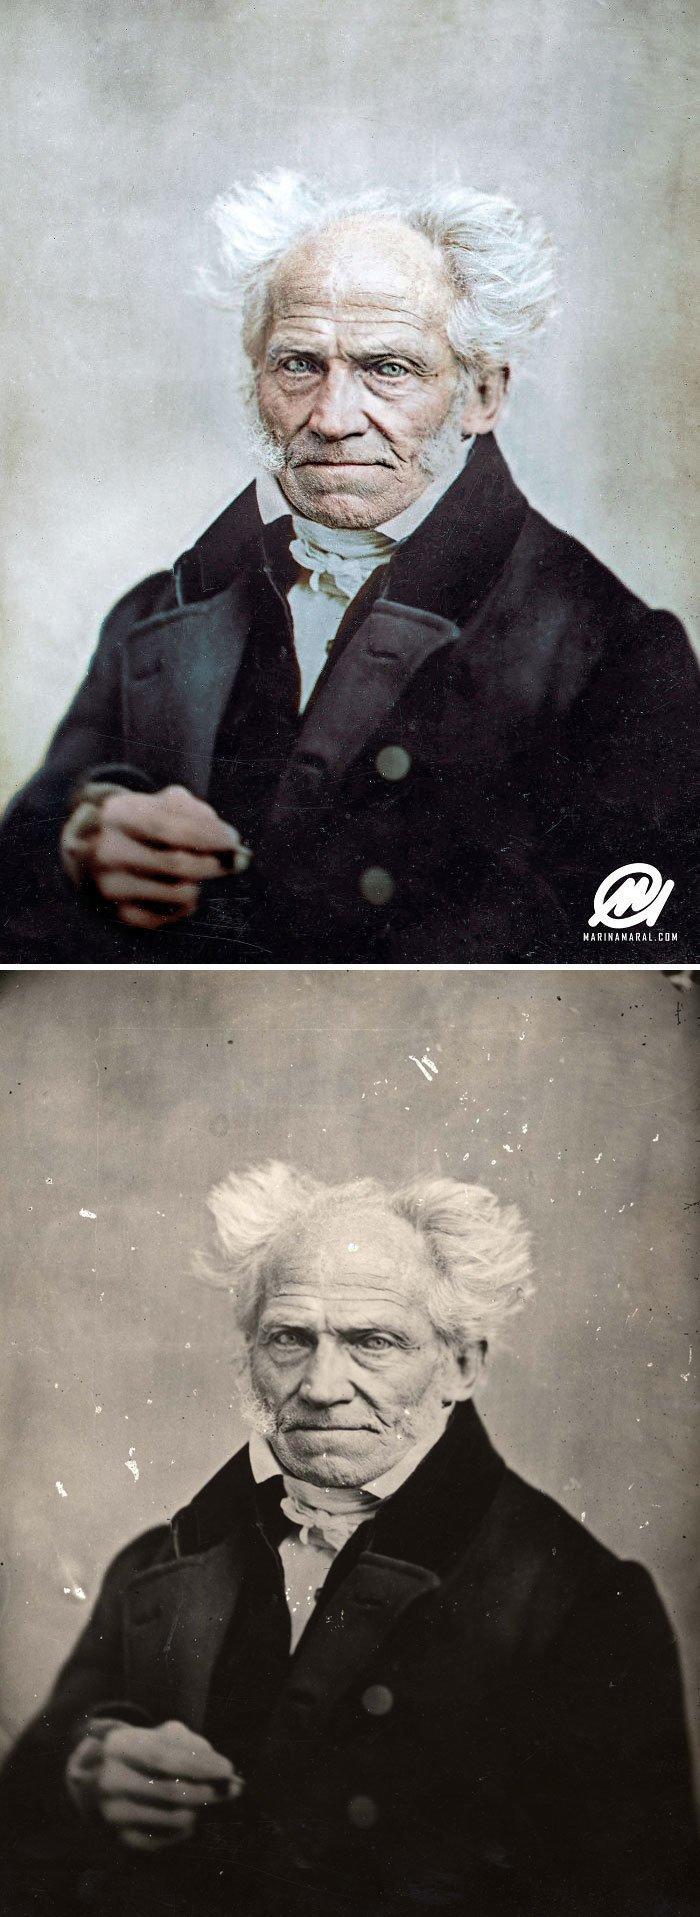 Артур Шопенгауэр, 1859 год история, портрет, прошлое, событие, фотография, фотомир, цвет